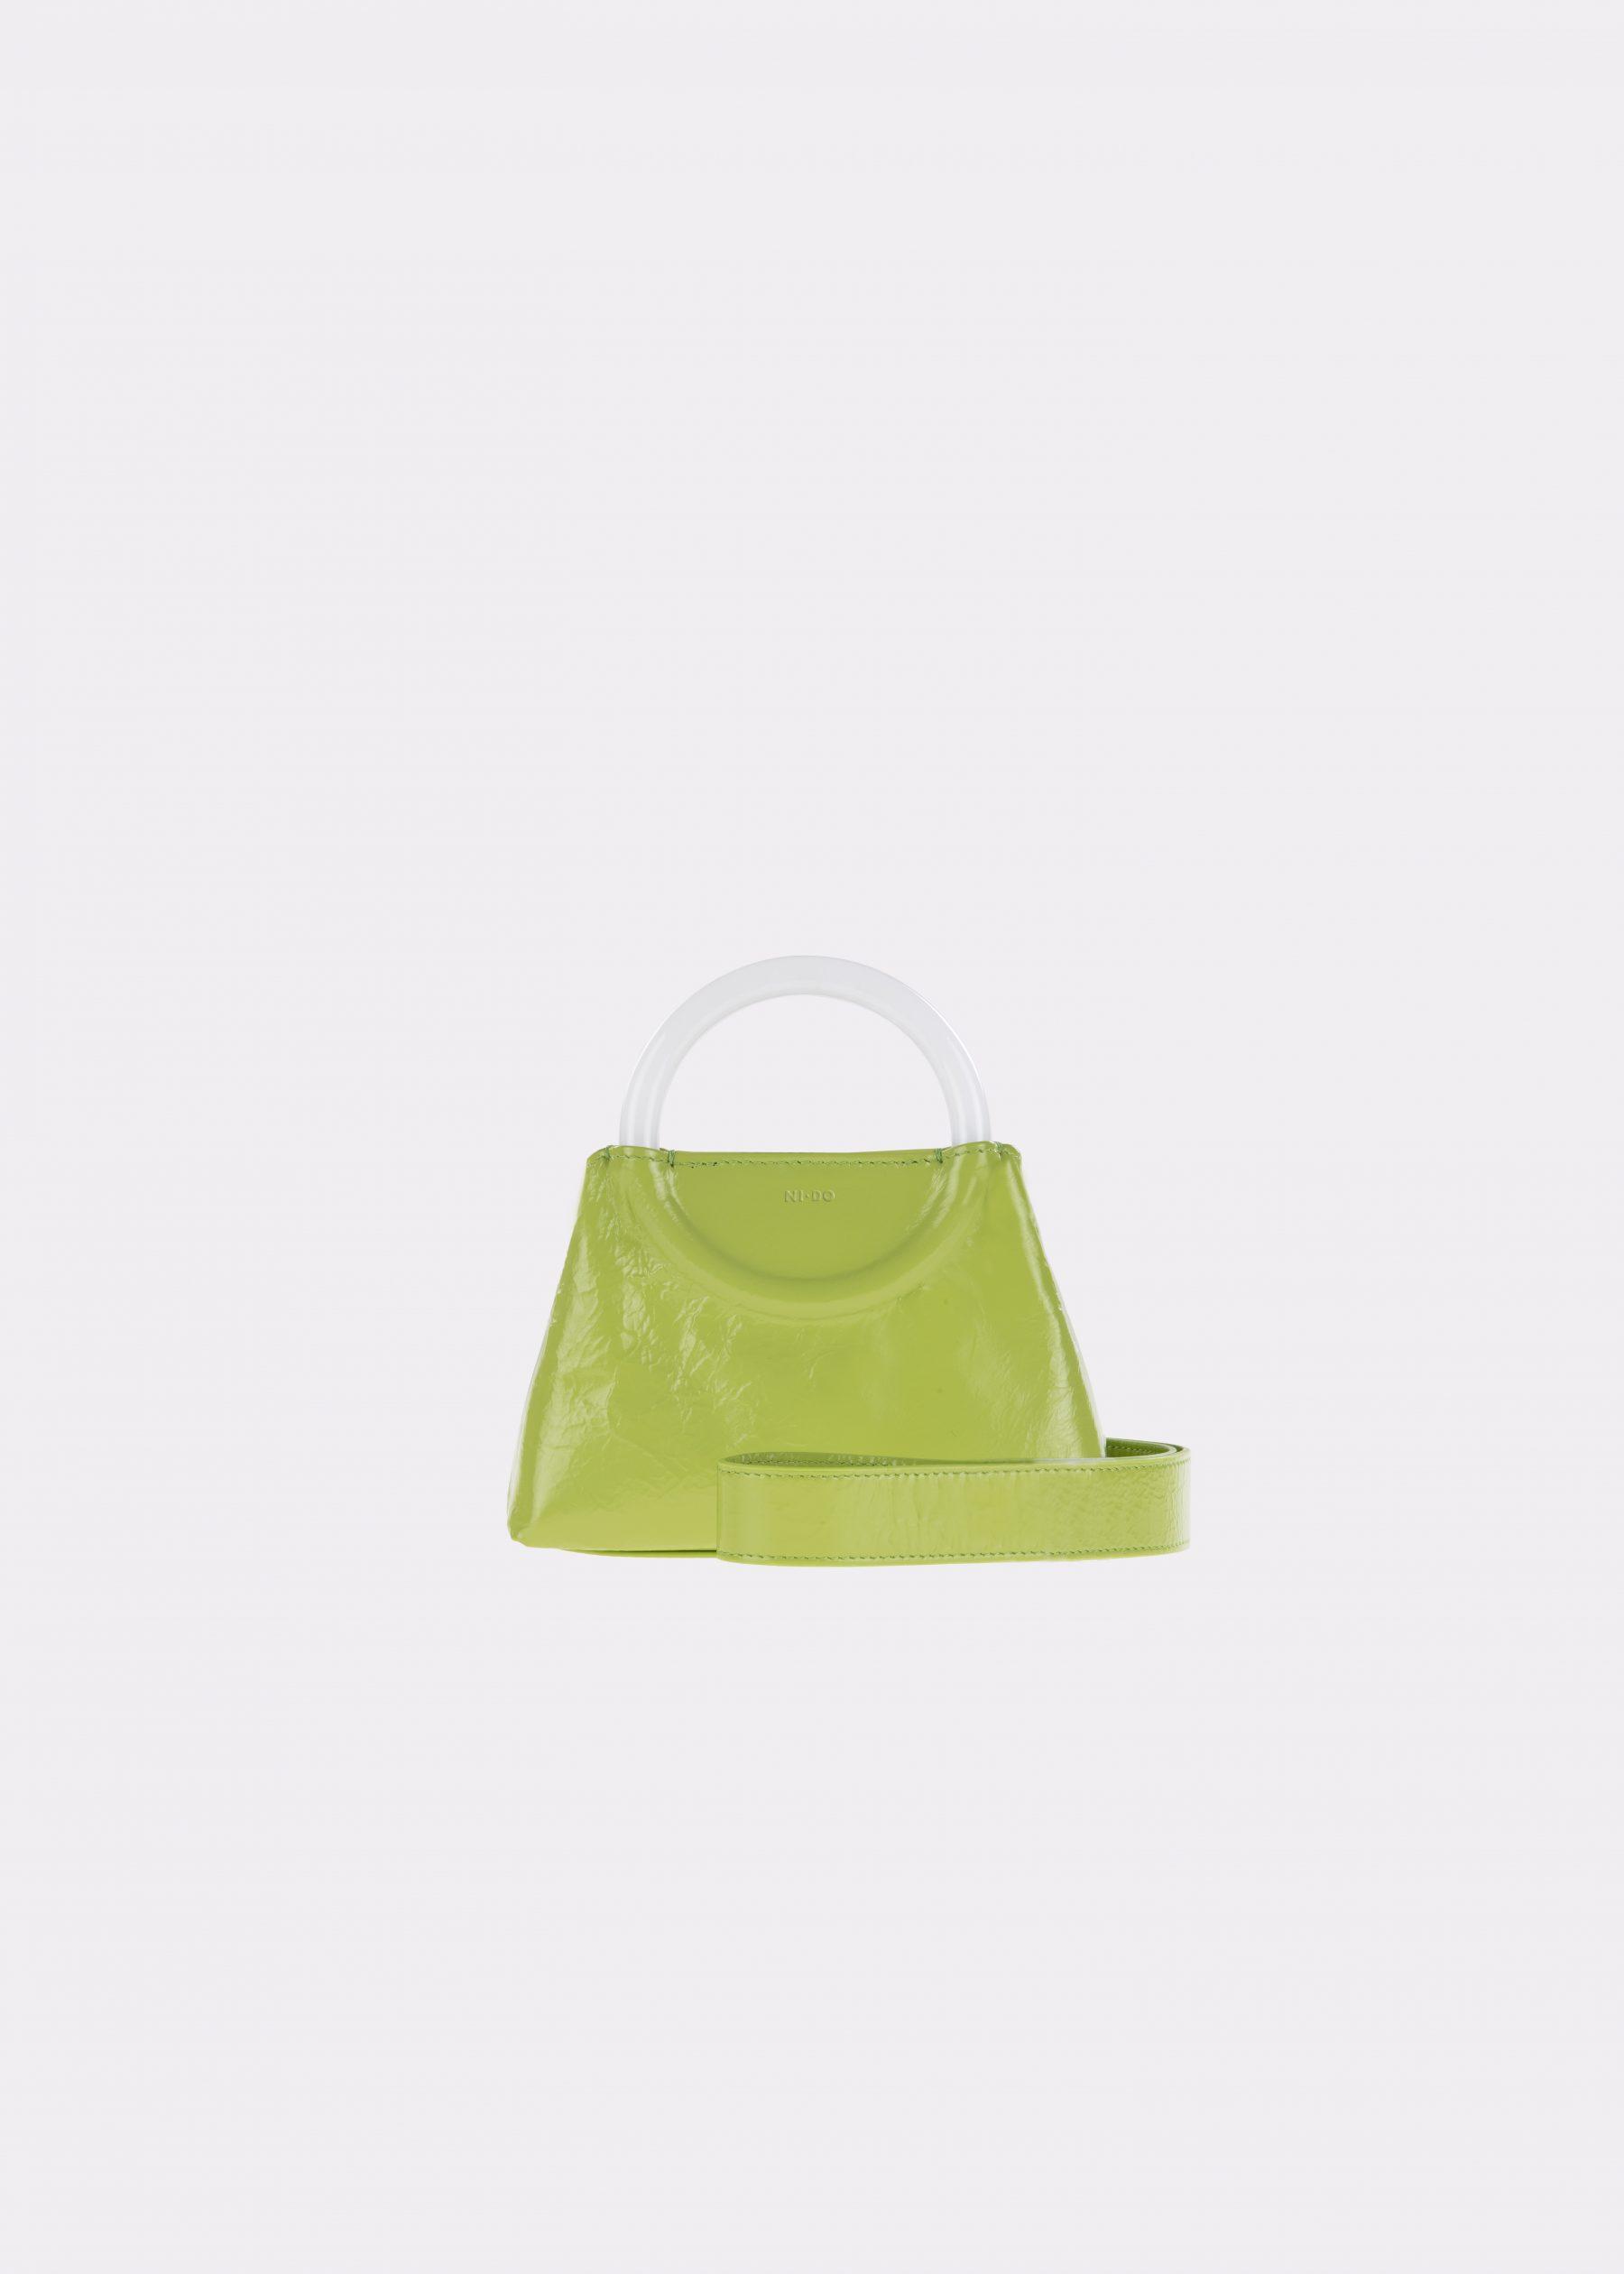 NIDO-Bolla_Mini-bag-apple-Pearl_shoulderstrap view